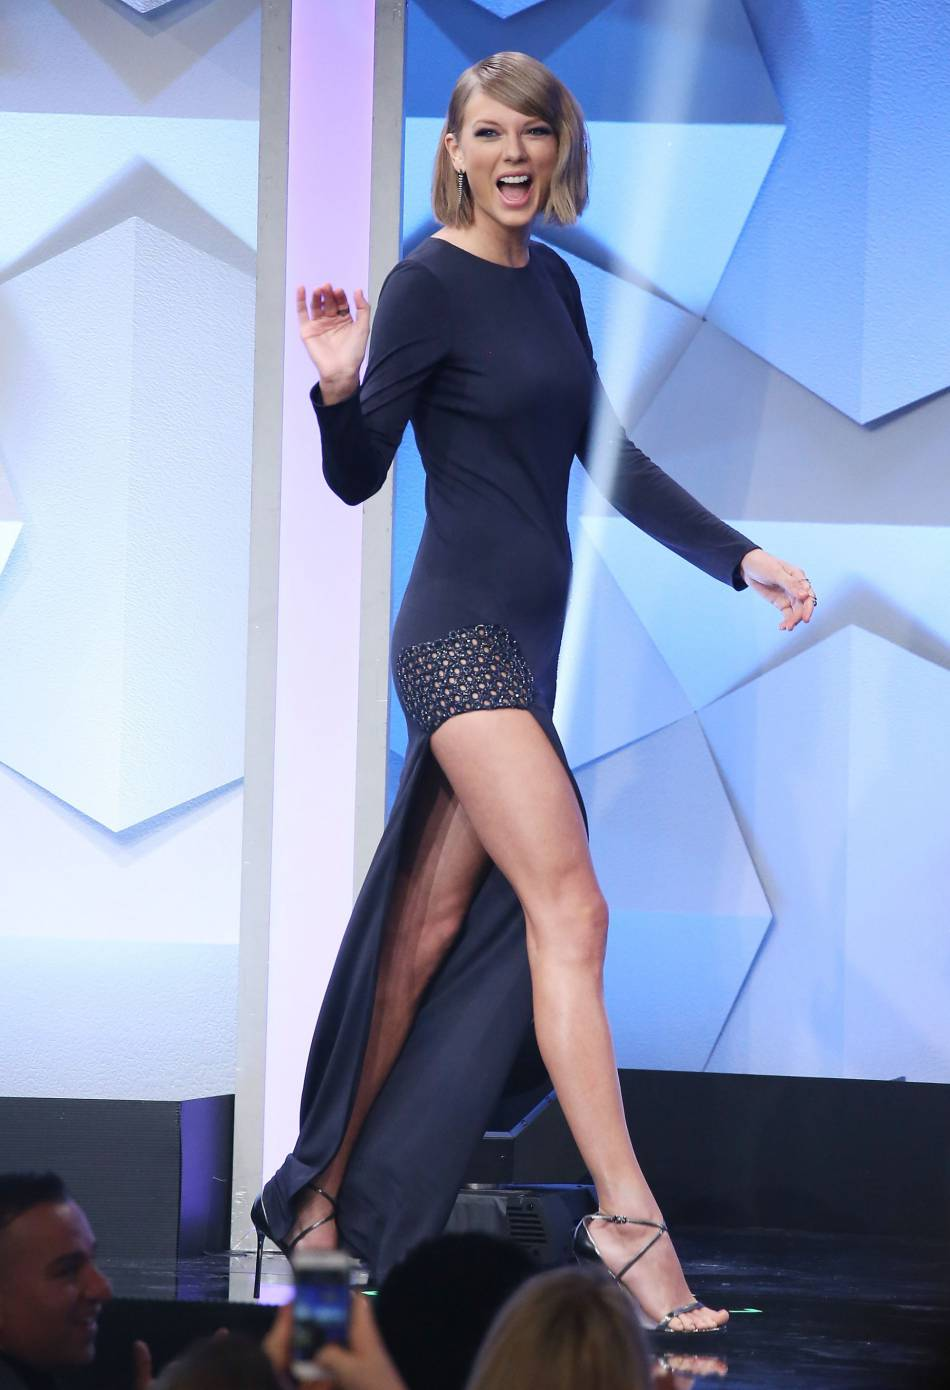 Encore une jolie apparition en Haney pour Taylor Swift qui prouve qu'elle adore la styliste et la marque.